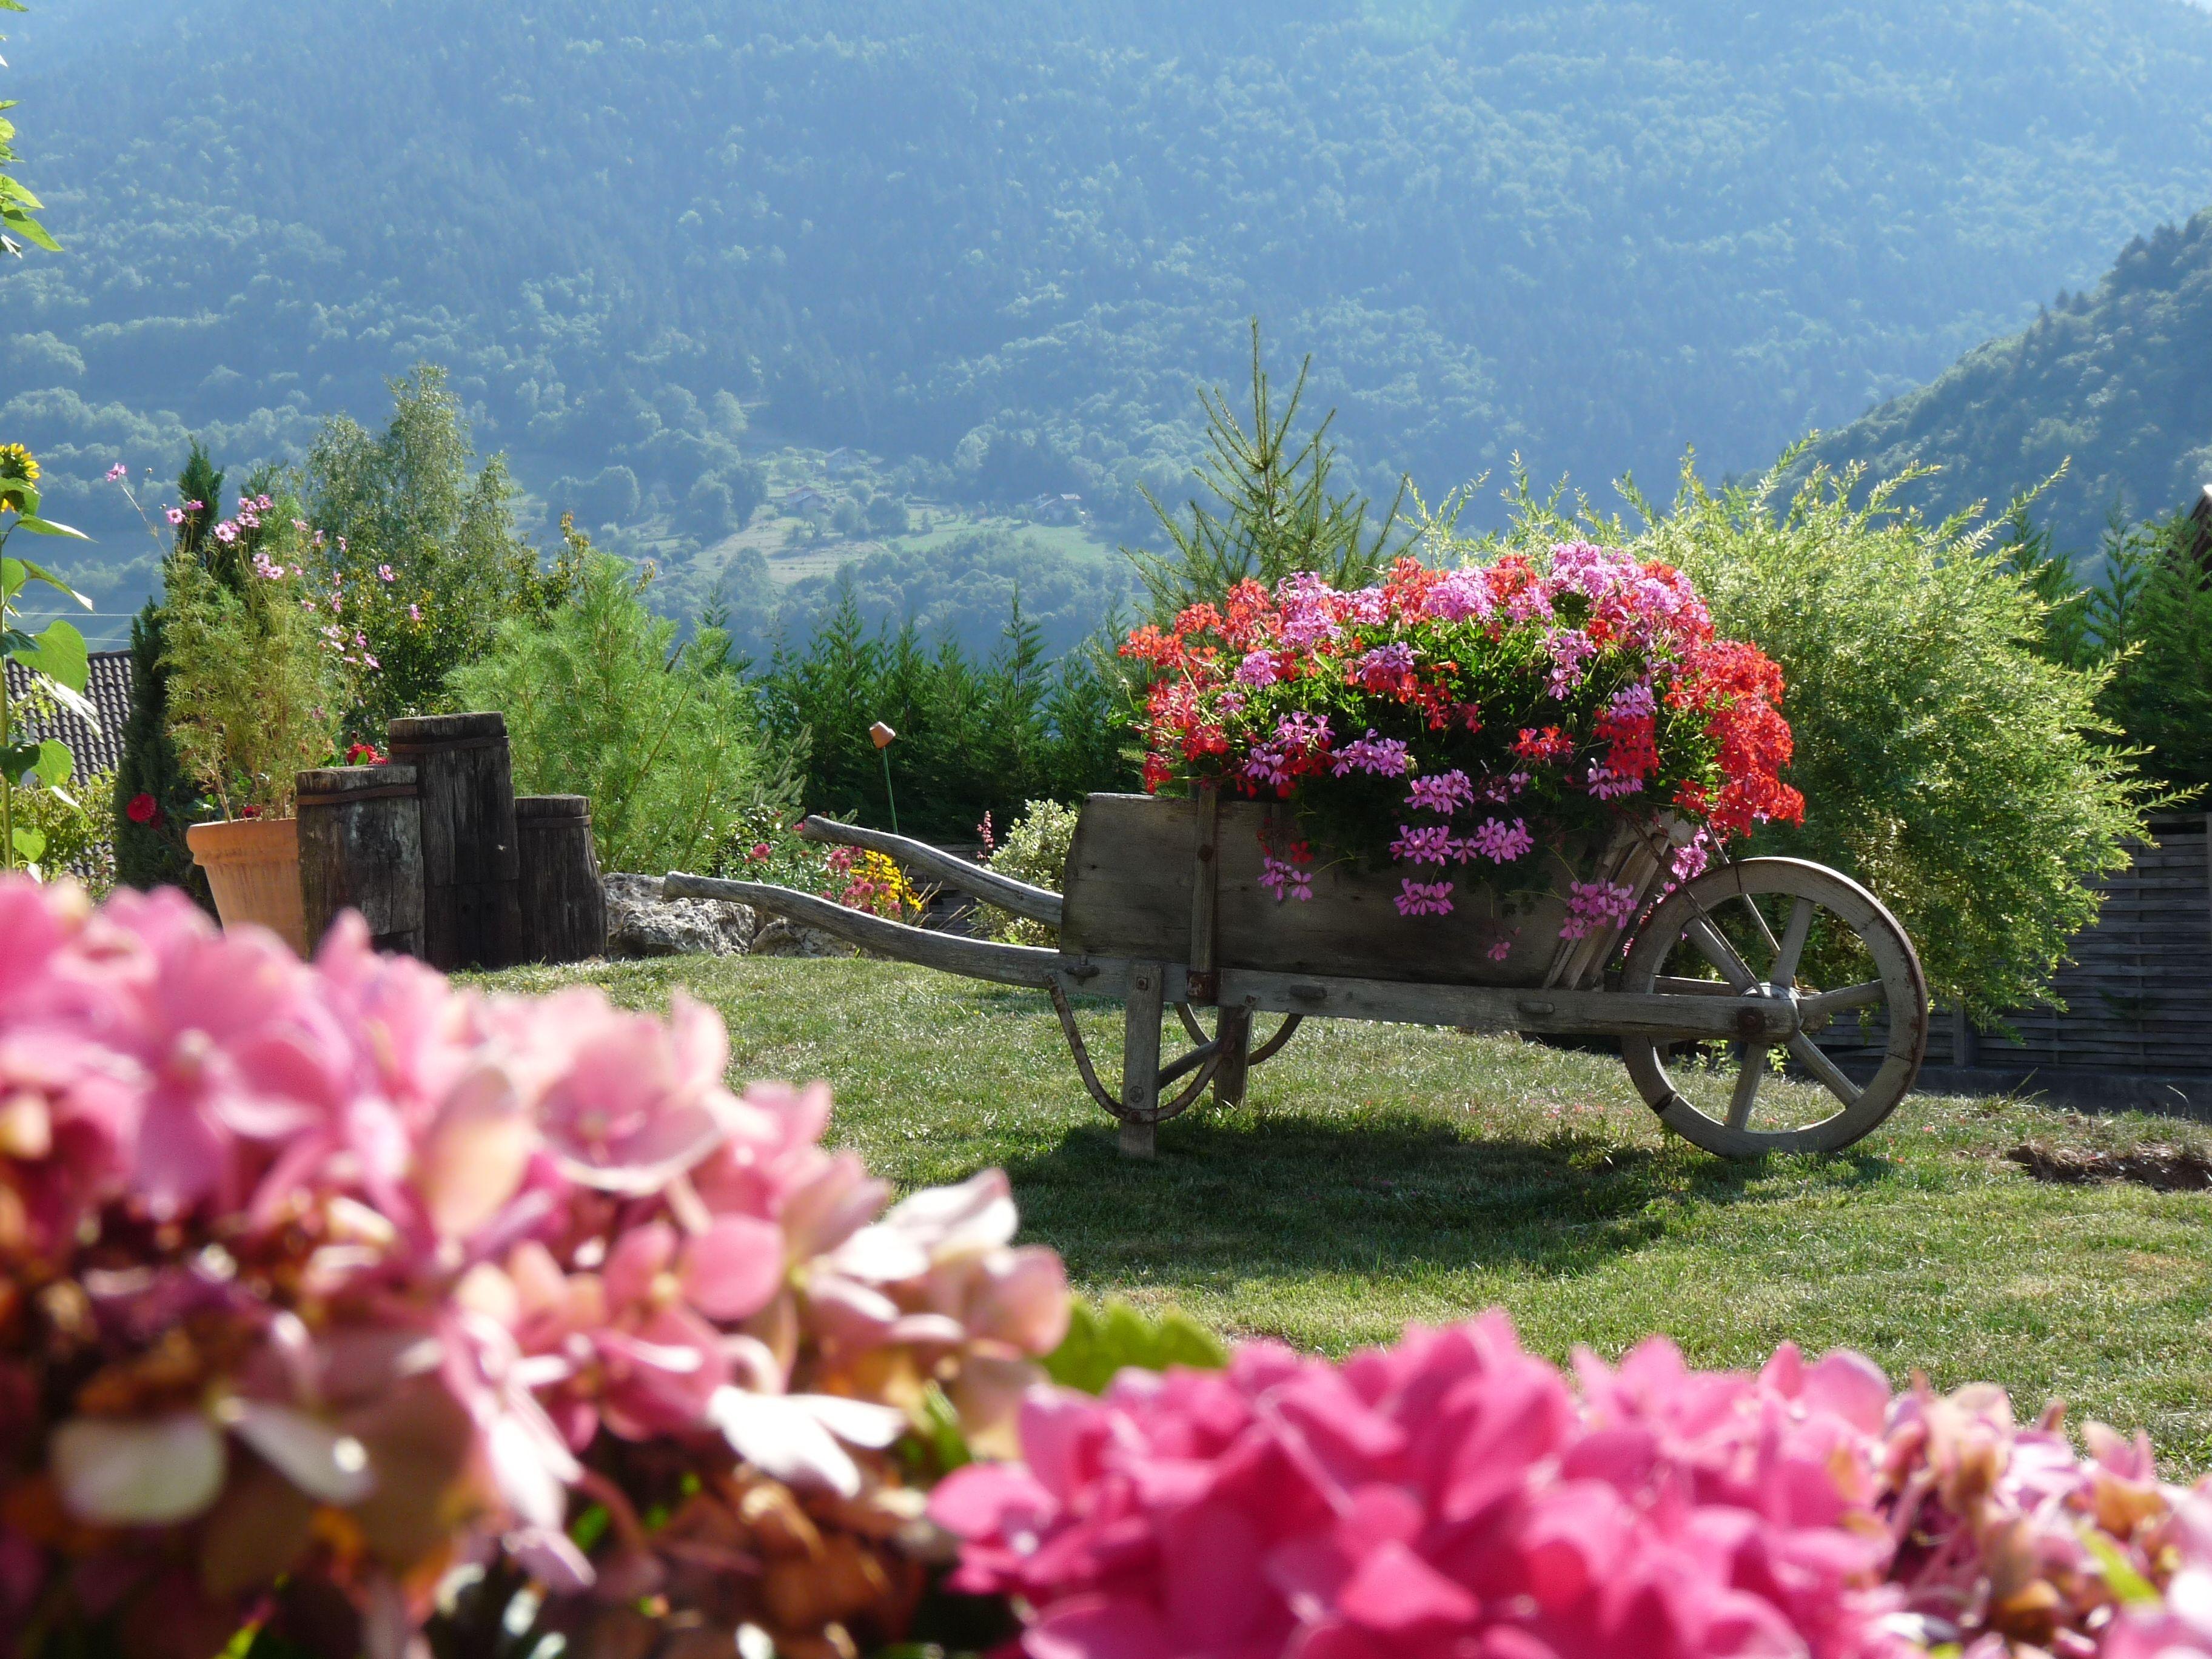 brouette fleurie brouettes charrettes fleuries pinterest brouette fleuri et charrette. Black Bedroom Furniture Sets. Home Design Ideas